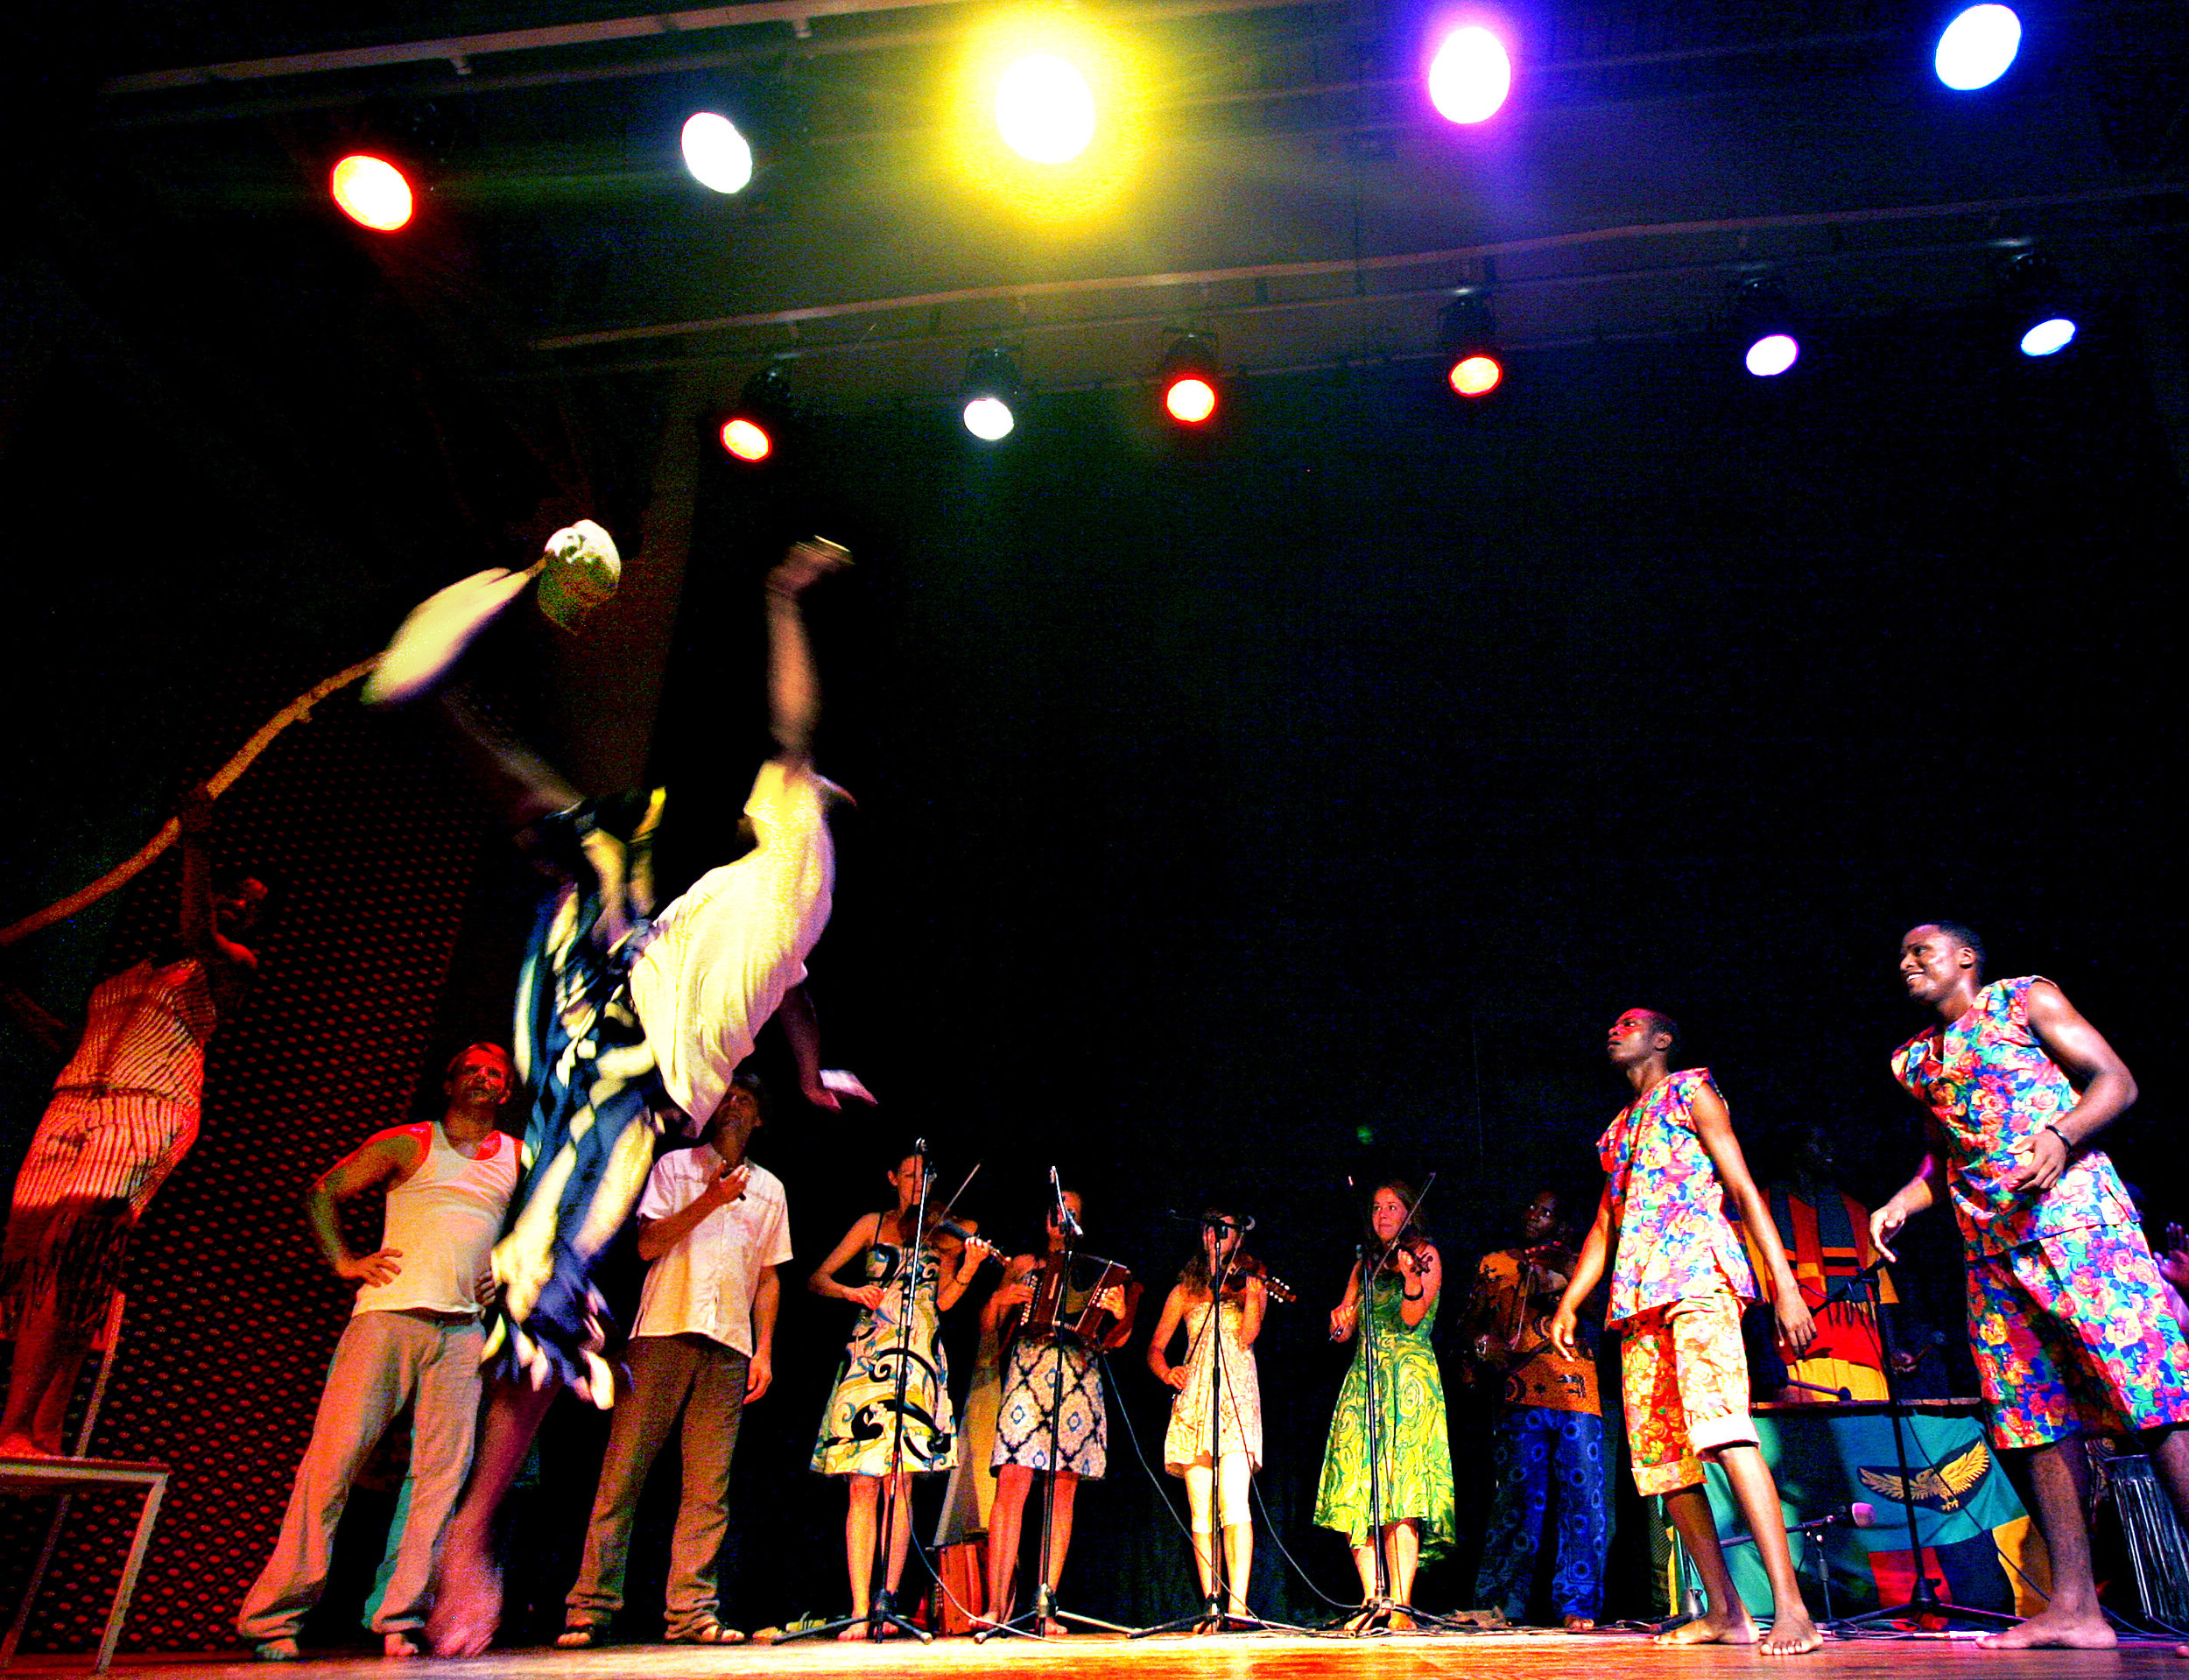 Talent 2009 med deltakarar frå Zambia, Tanzania og Norge. Foto: Heidi Hattestein.